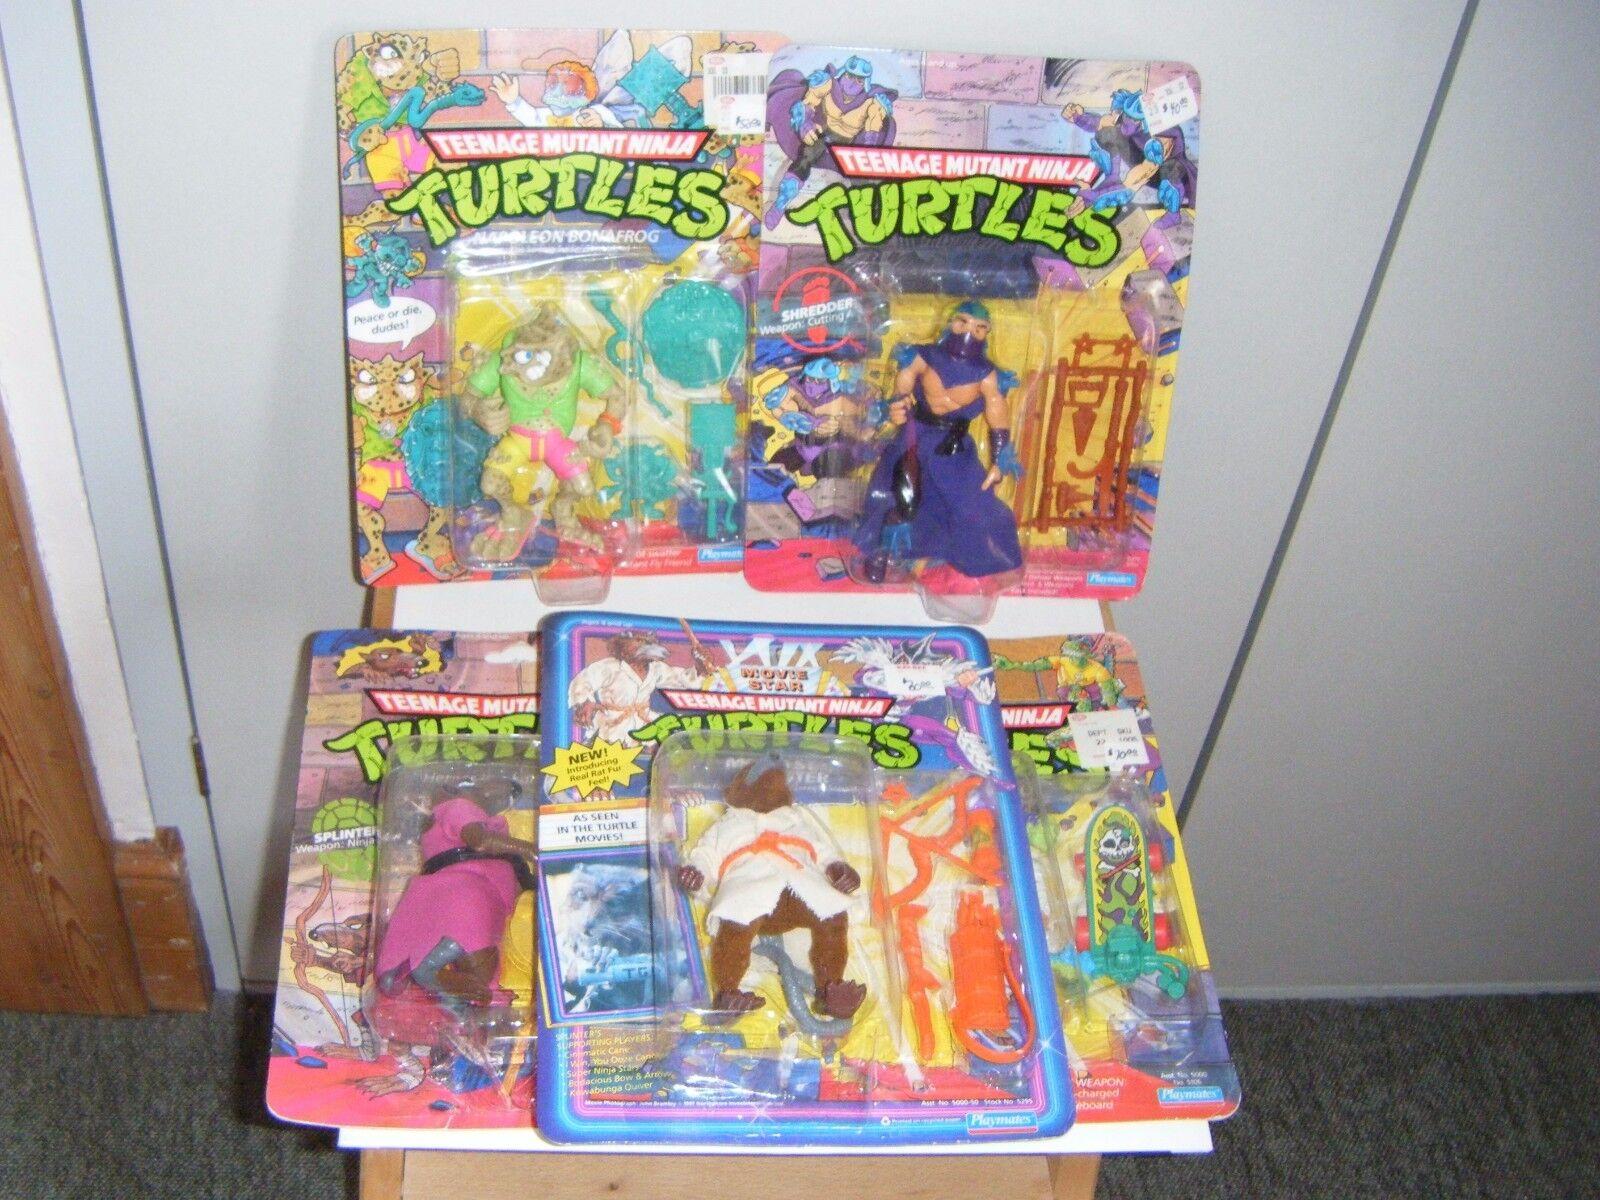 Teenage Mutant Ninja Turtles vintage Playmates action figures